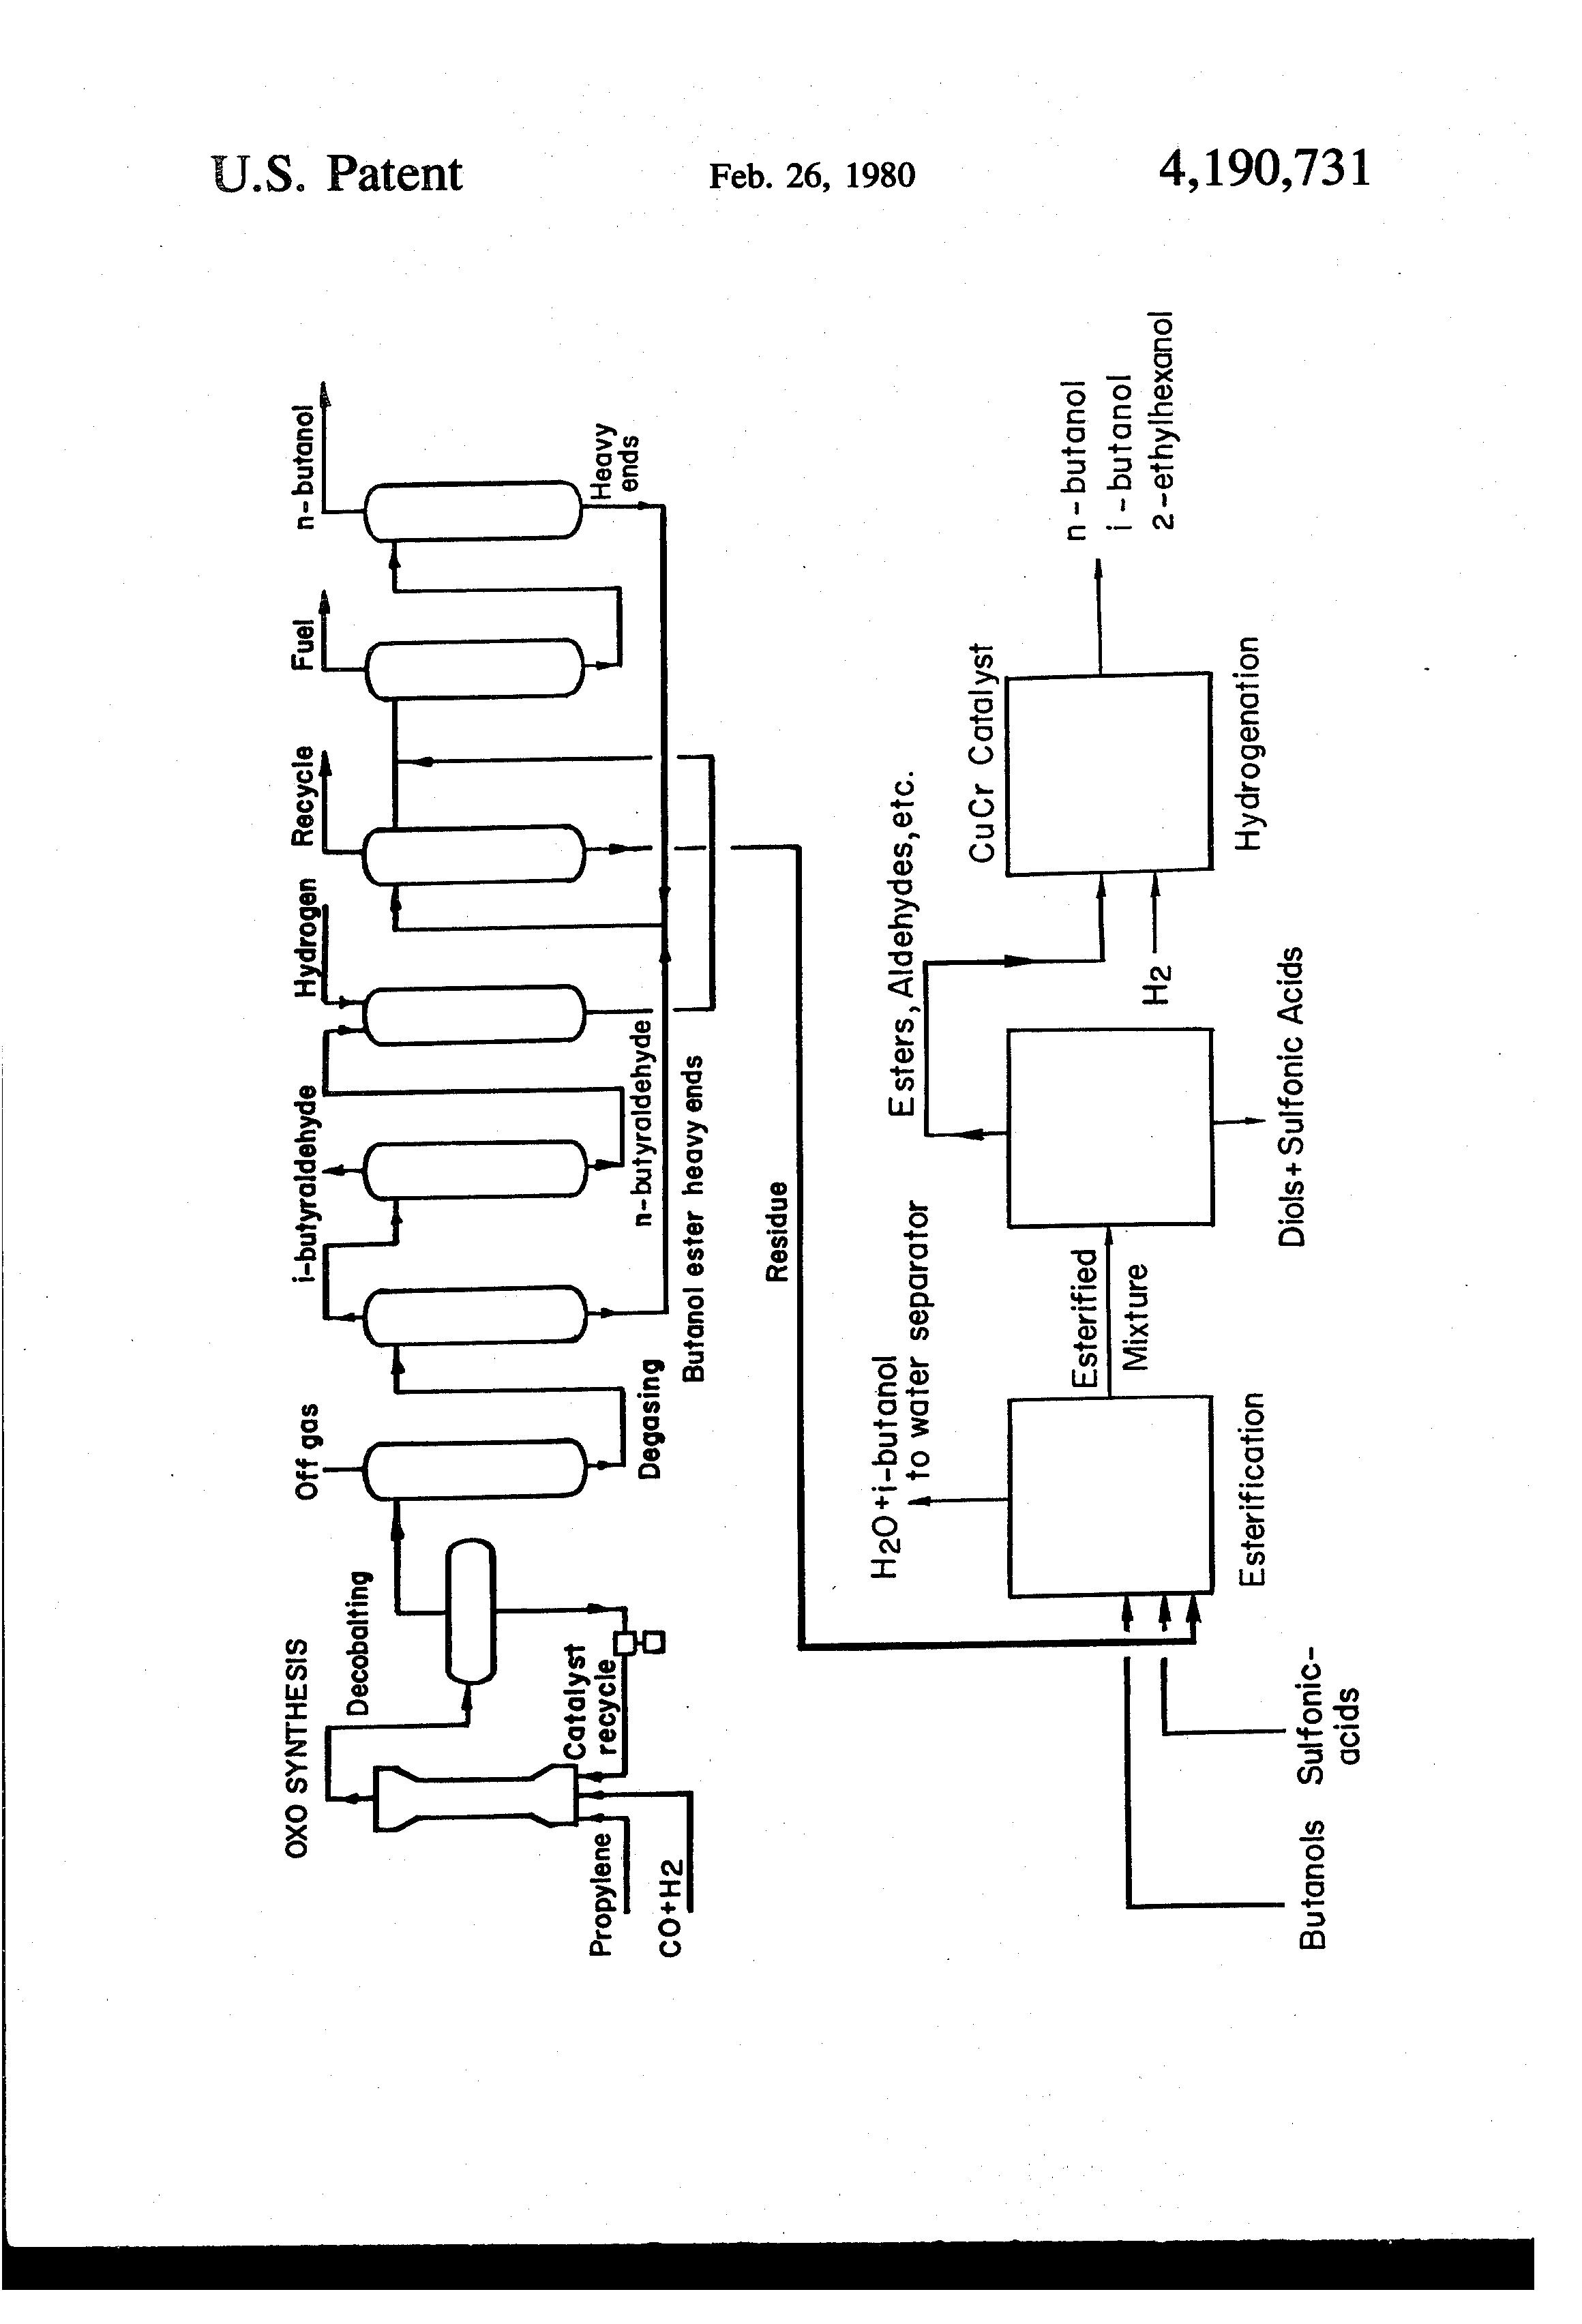 n butanol process flow diagram blueraritan info rh blueraritan info Sec- Butanol 2- Butanol